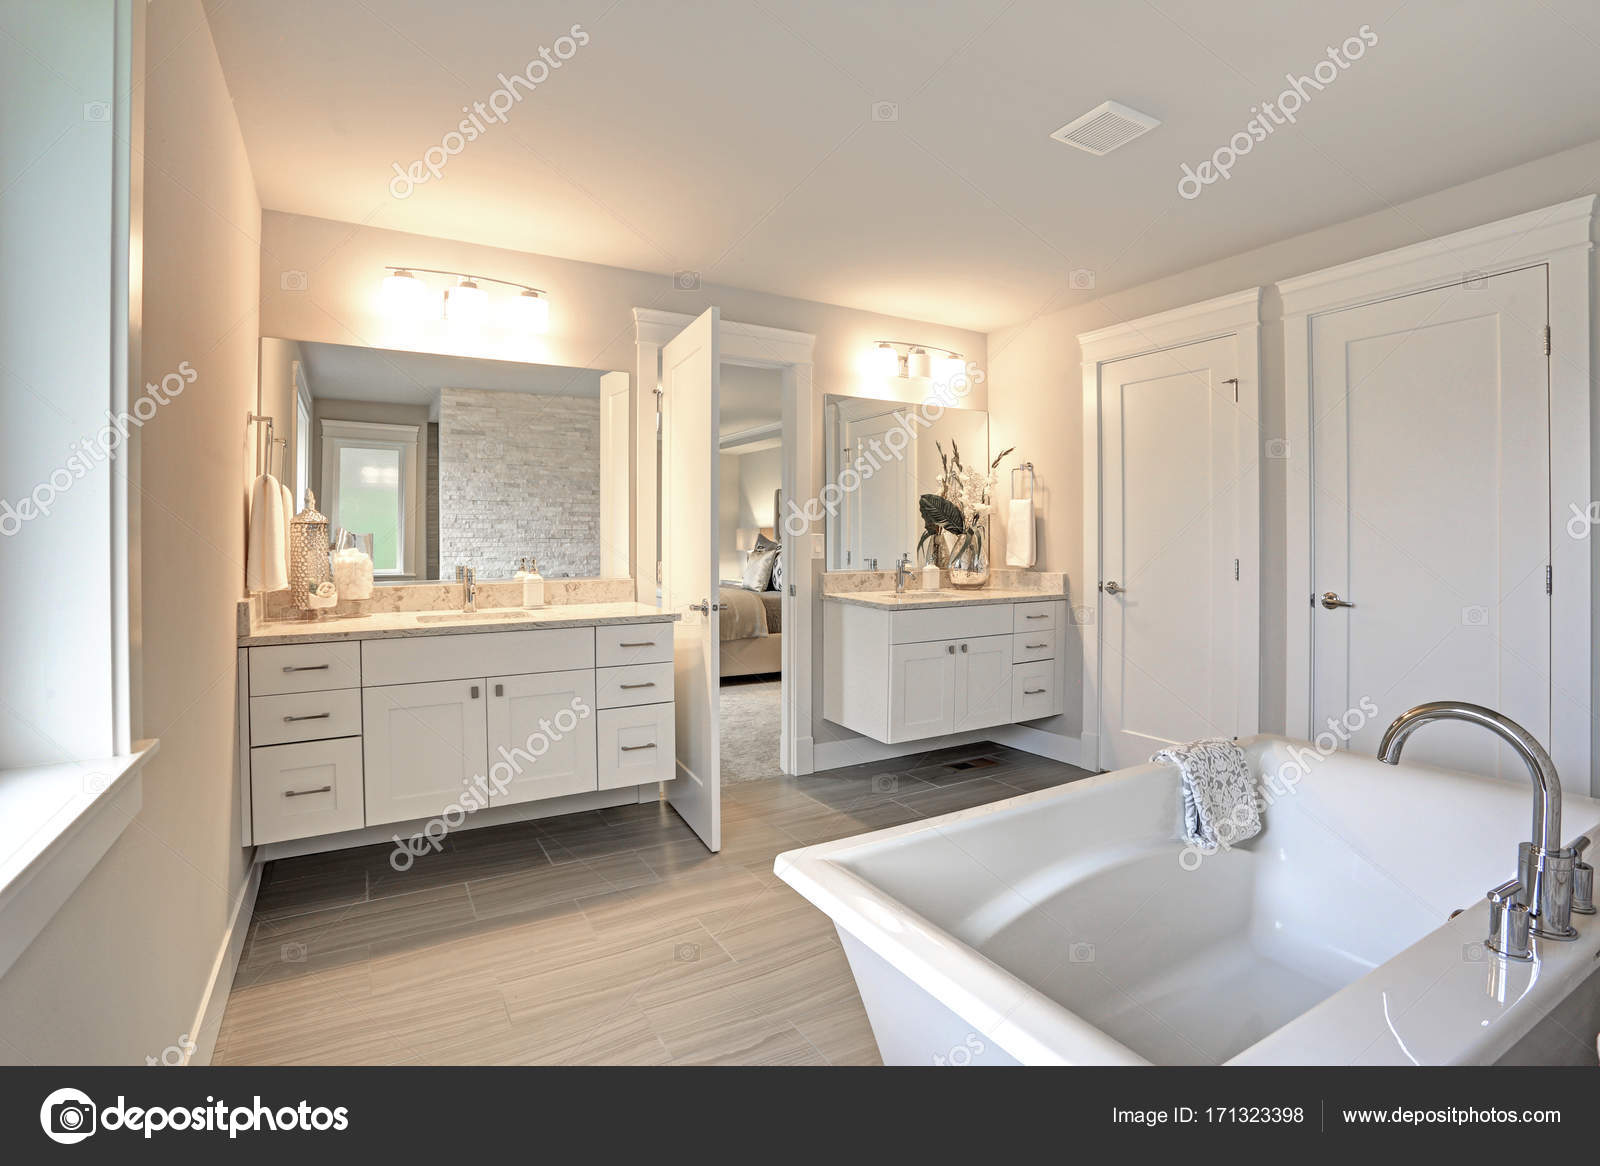 Amazing master badkamer met twee ijdelheid van de badkamers ...